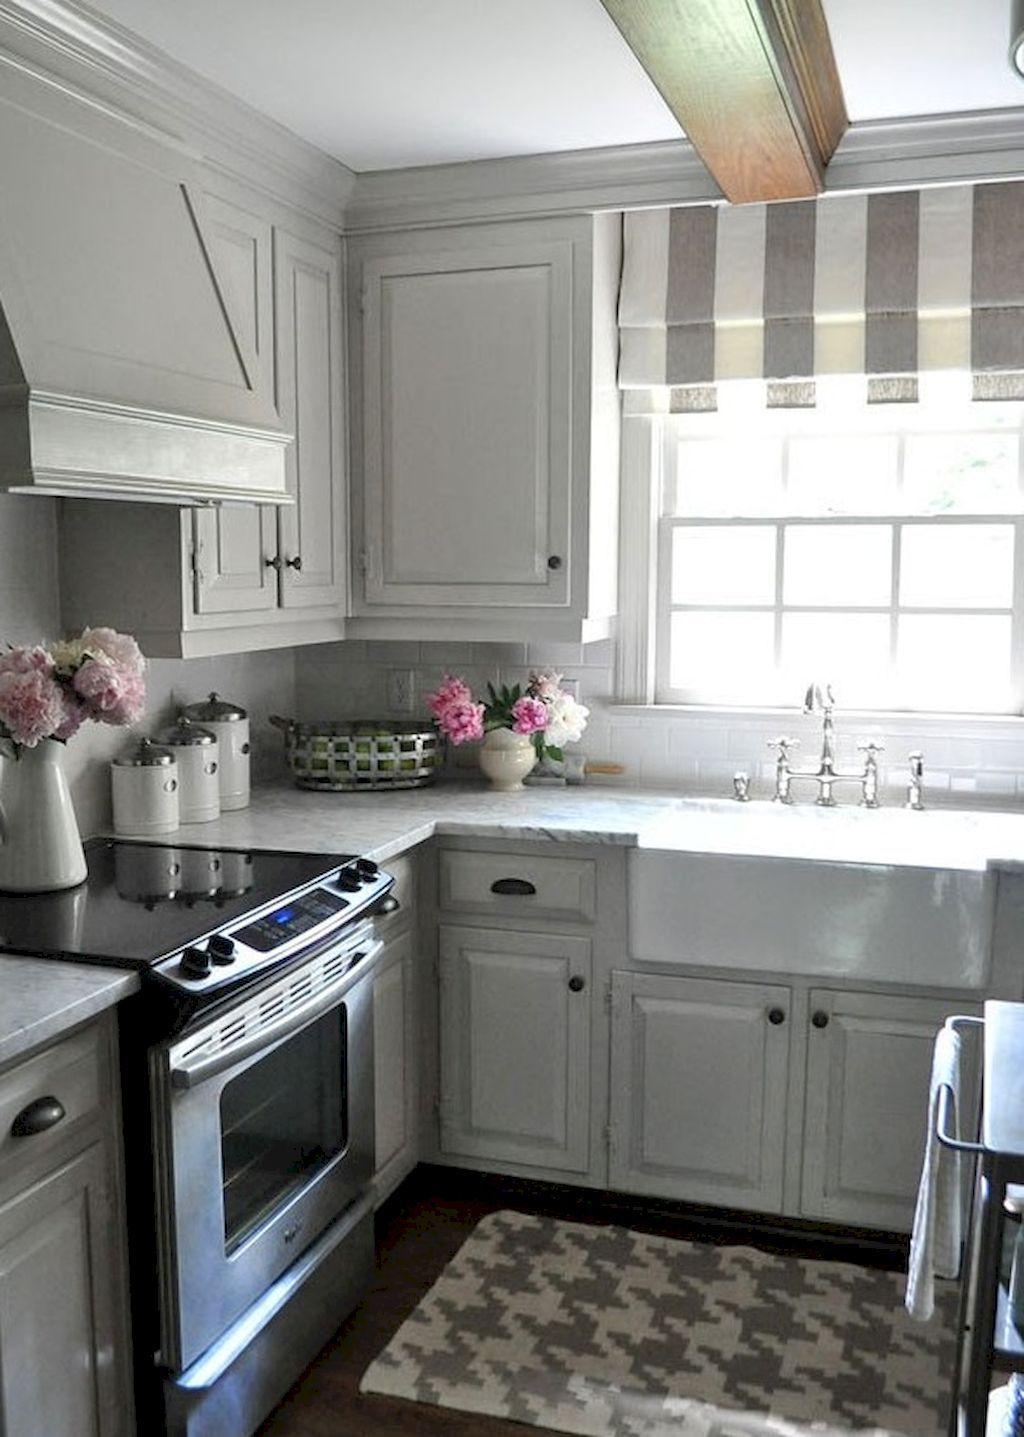 Küchenschrank ideen kleine küchen inspired small kitchen remodel   кухни  pinterest  haus küchen